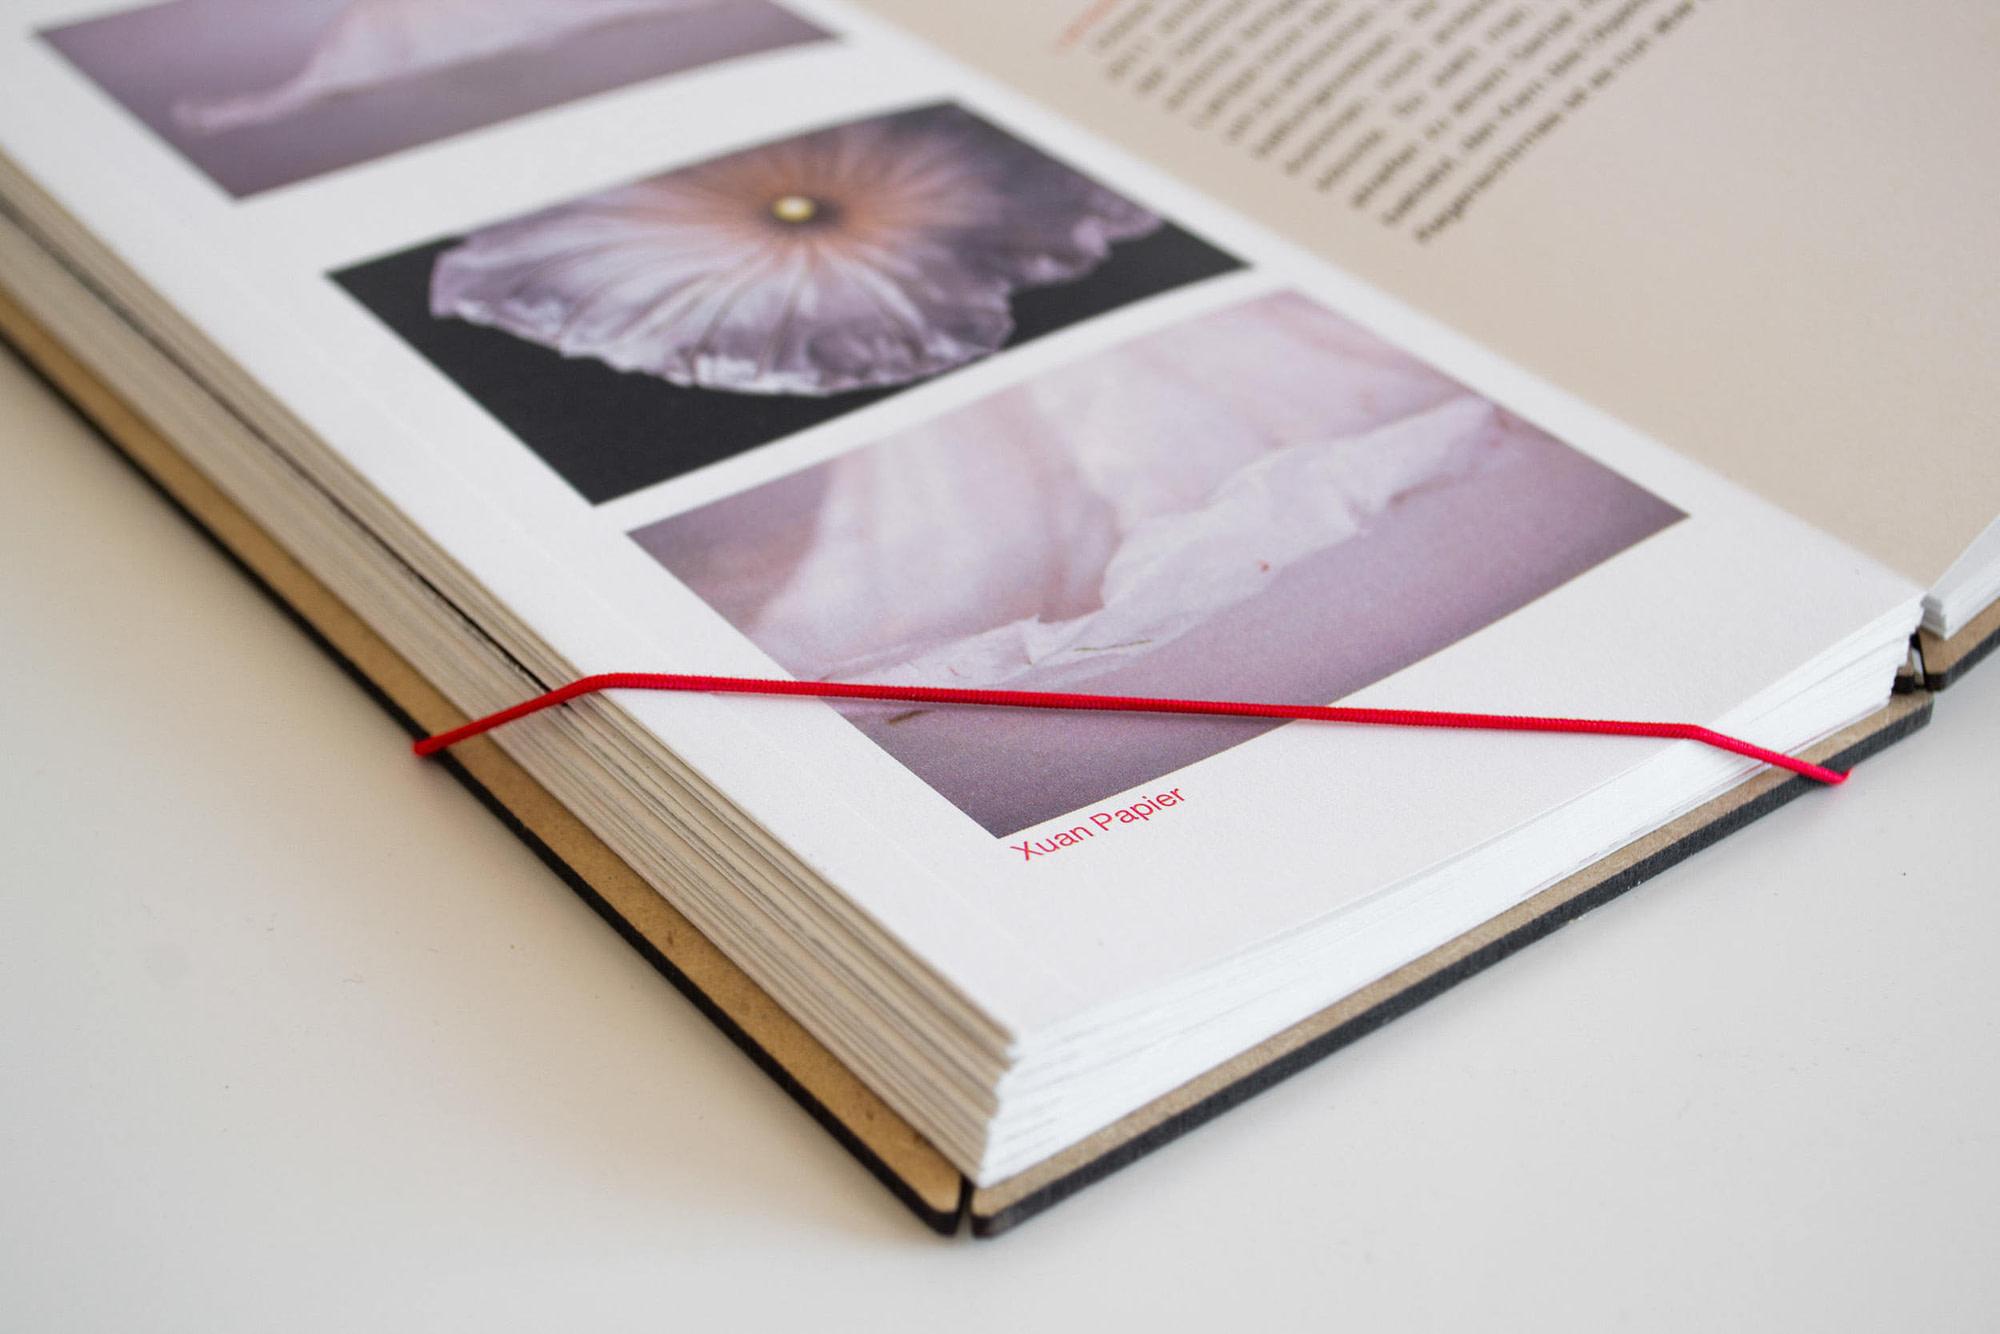 RONG – Redesign of Leporello 10